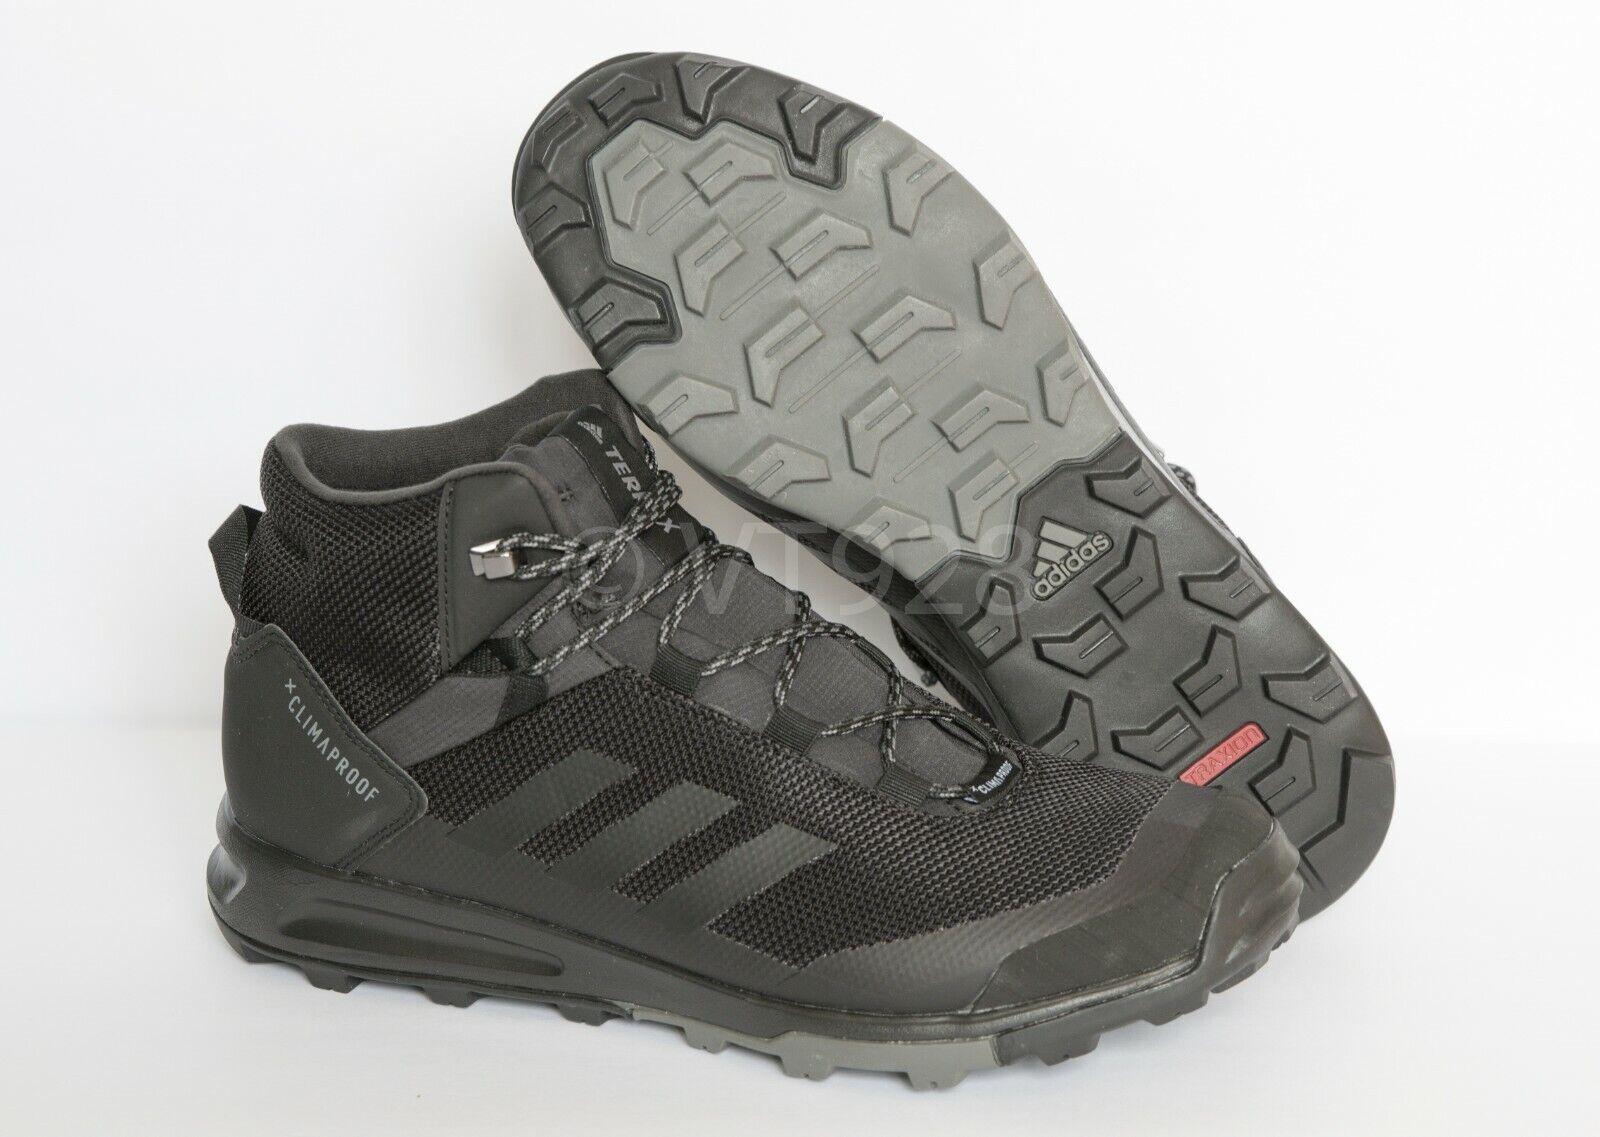 adidas tivid shoes